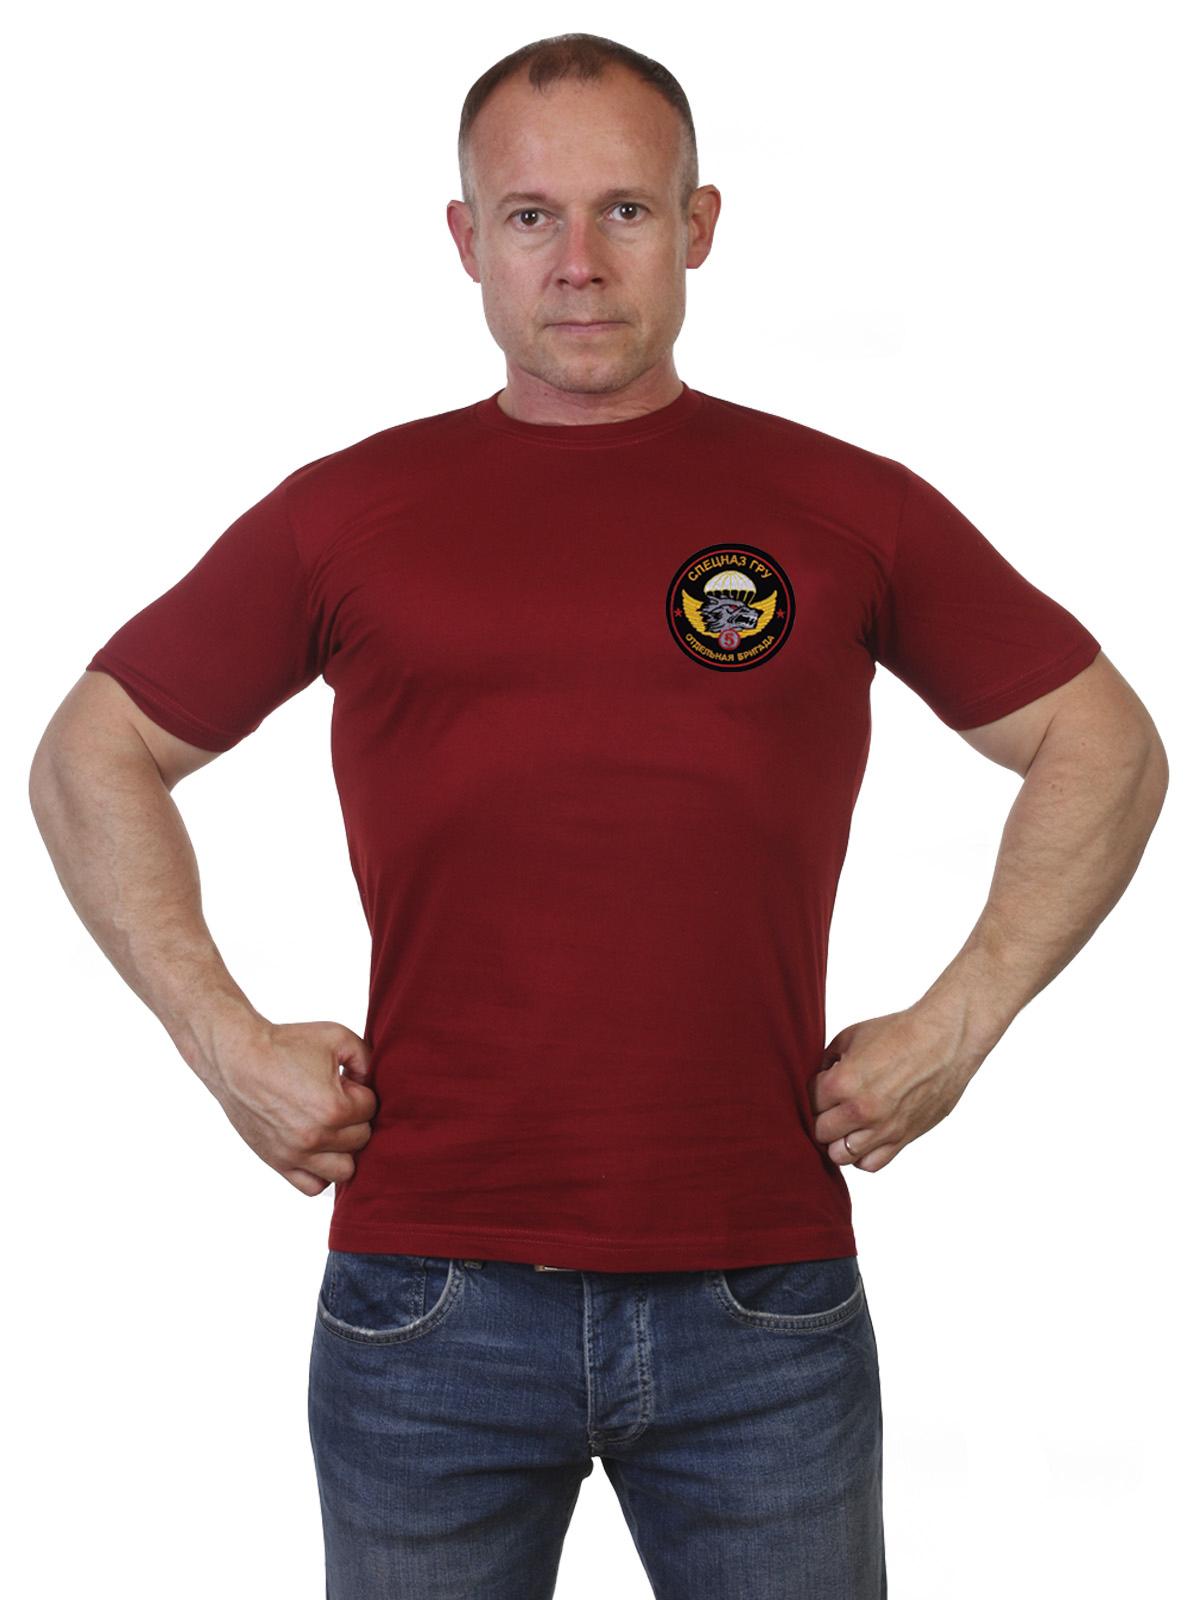 Купить футболку 5 ОбрСпН ГРУ